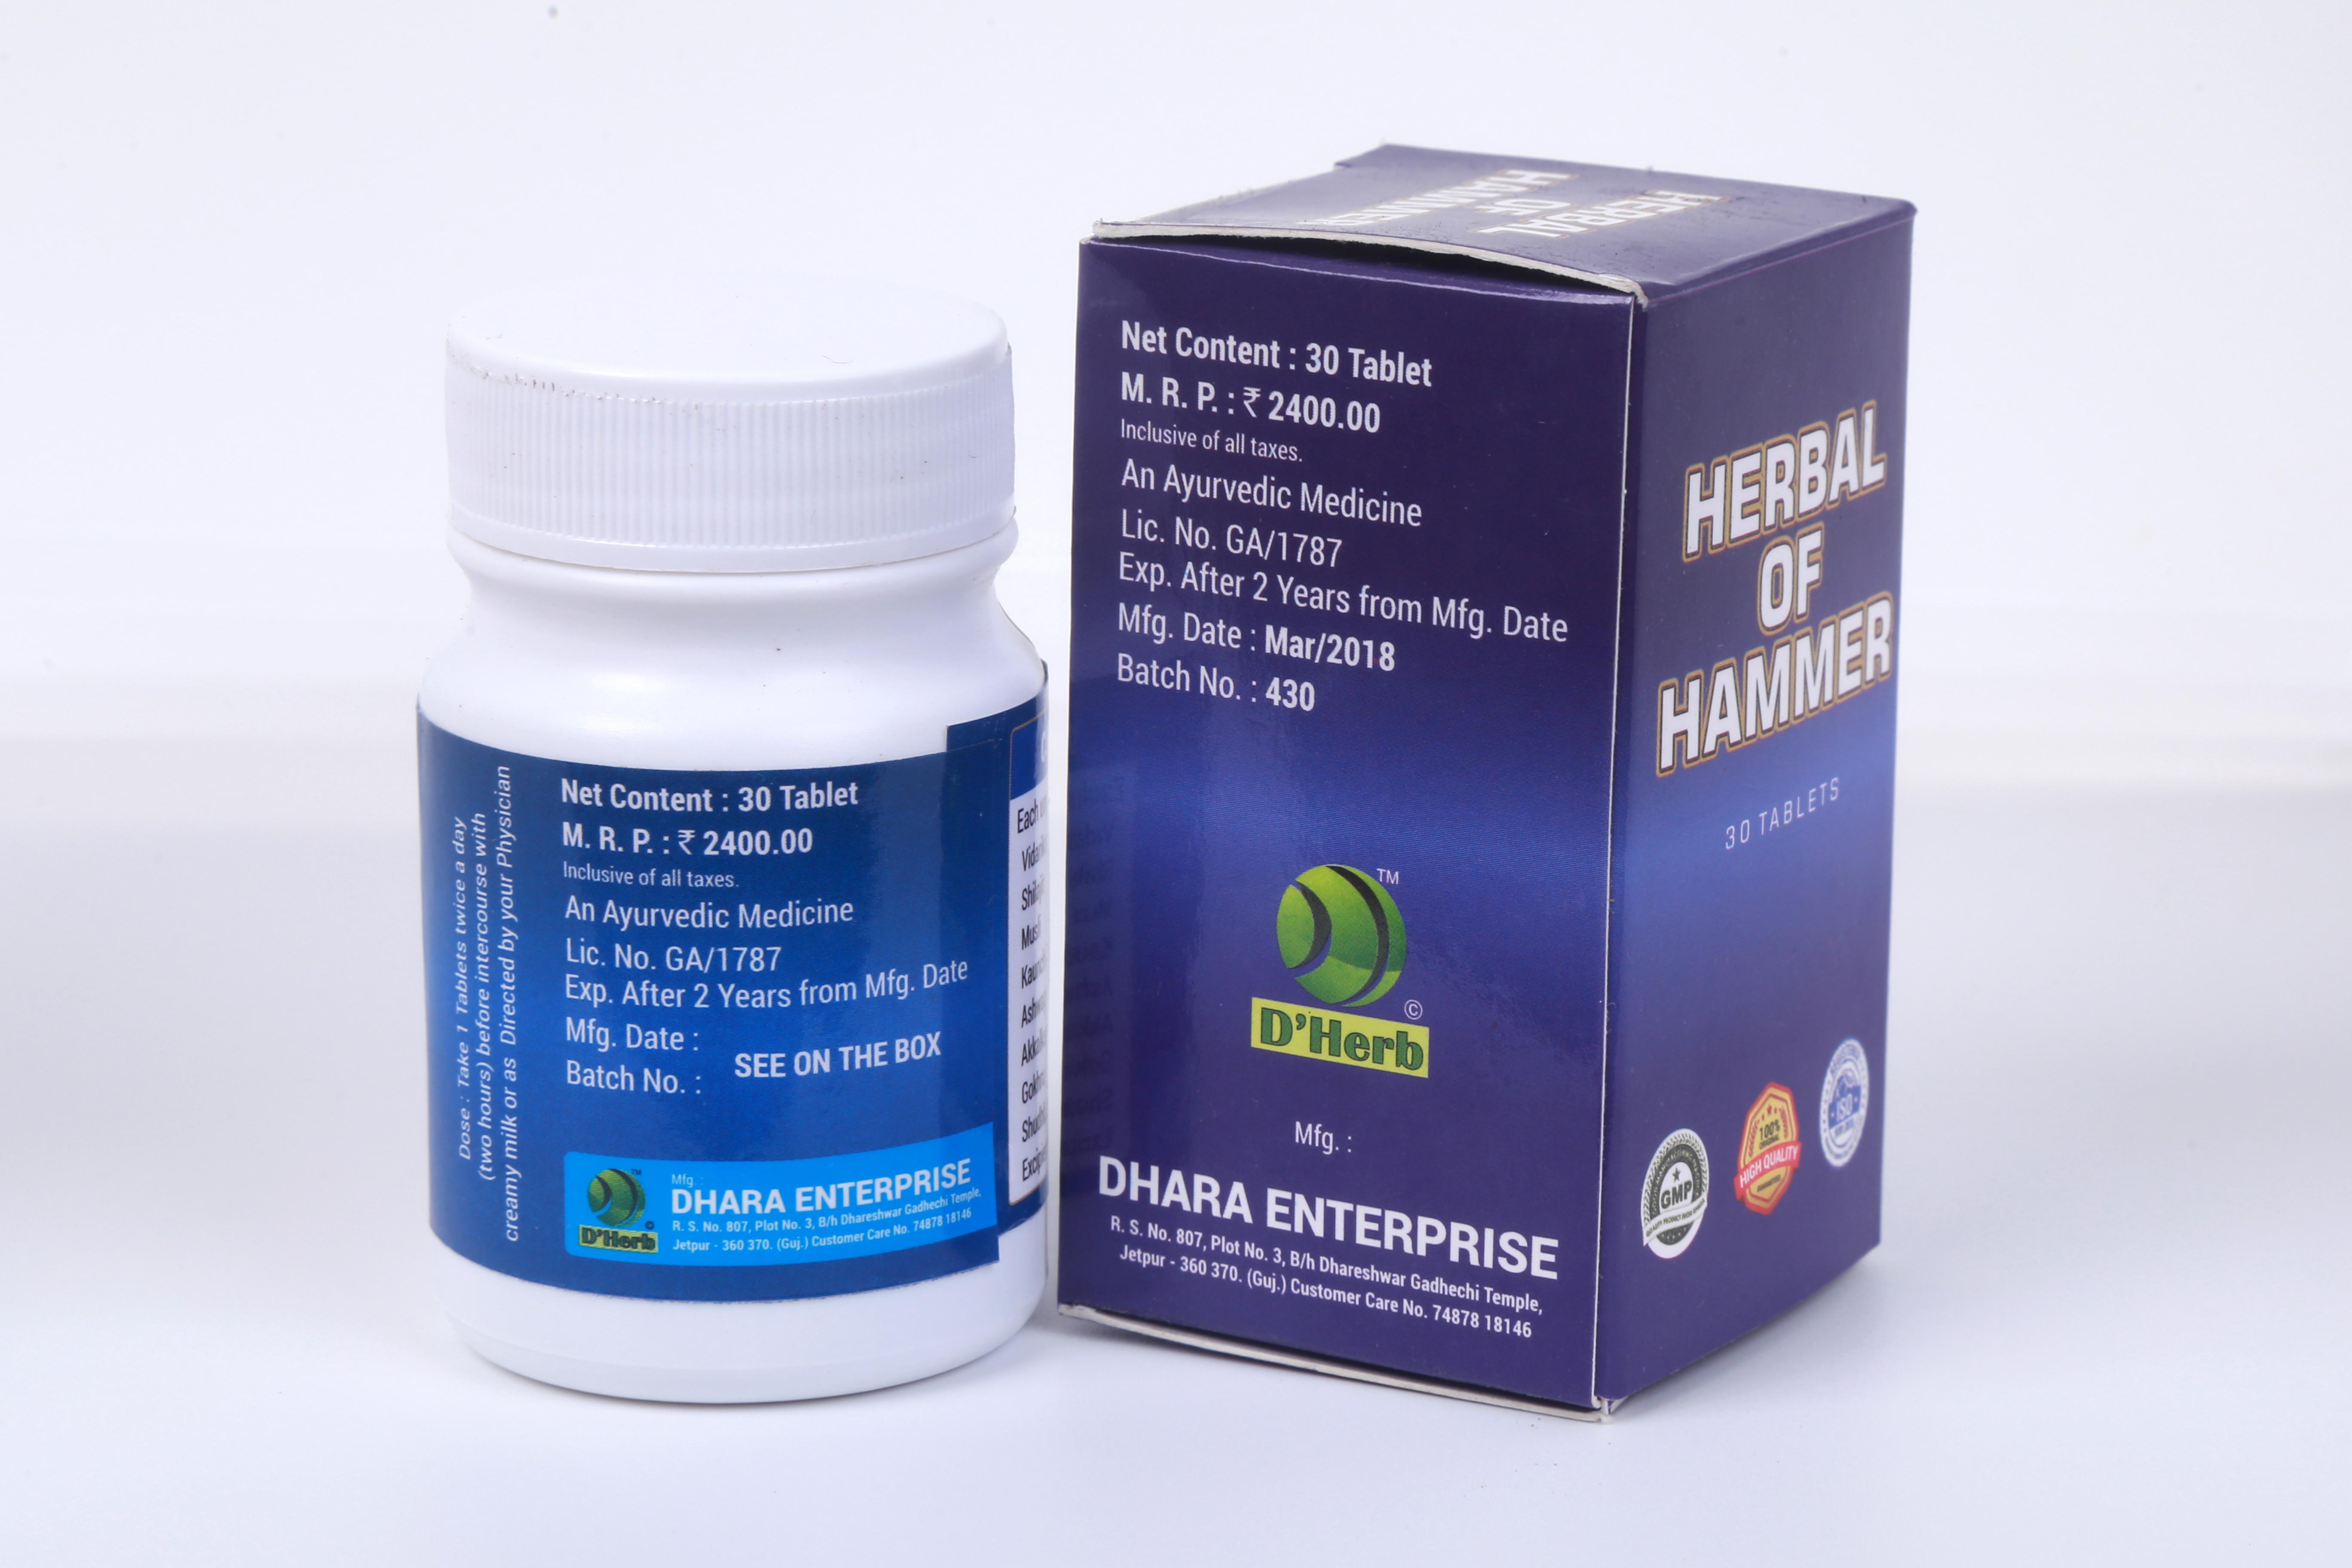 Herbal of Hammer Tablet